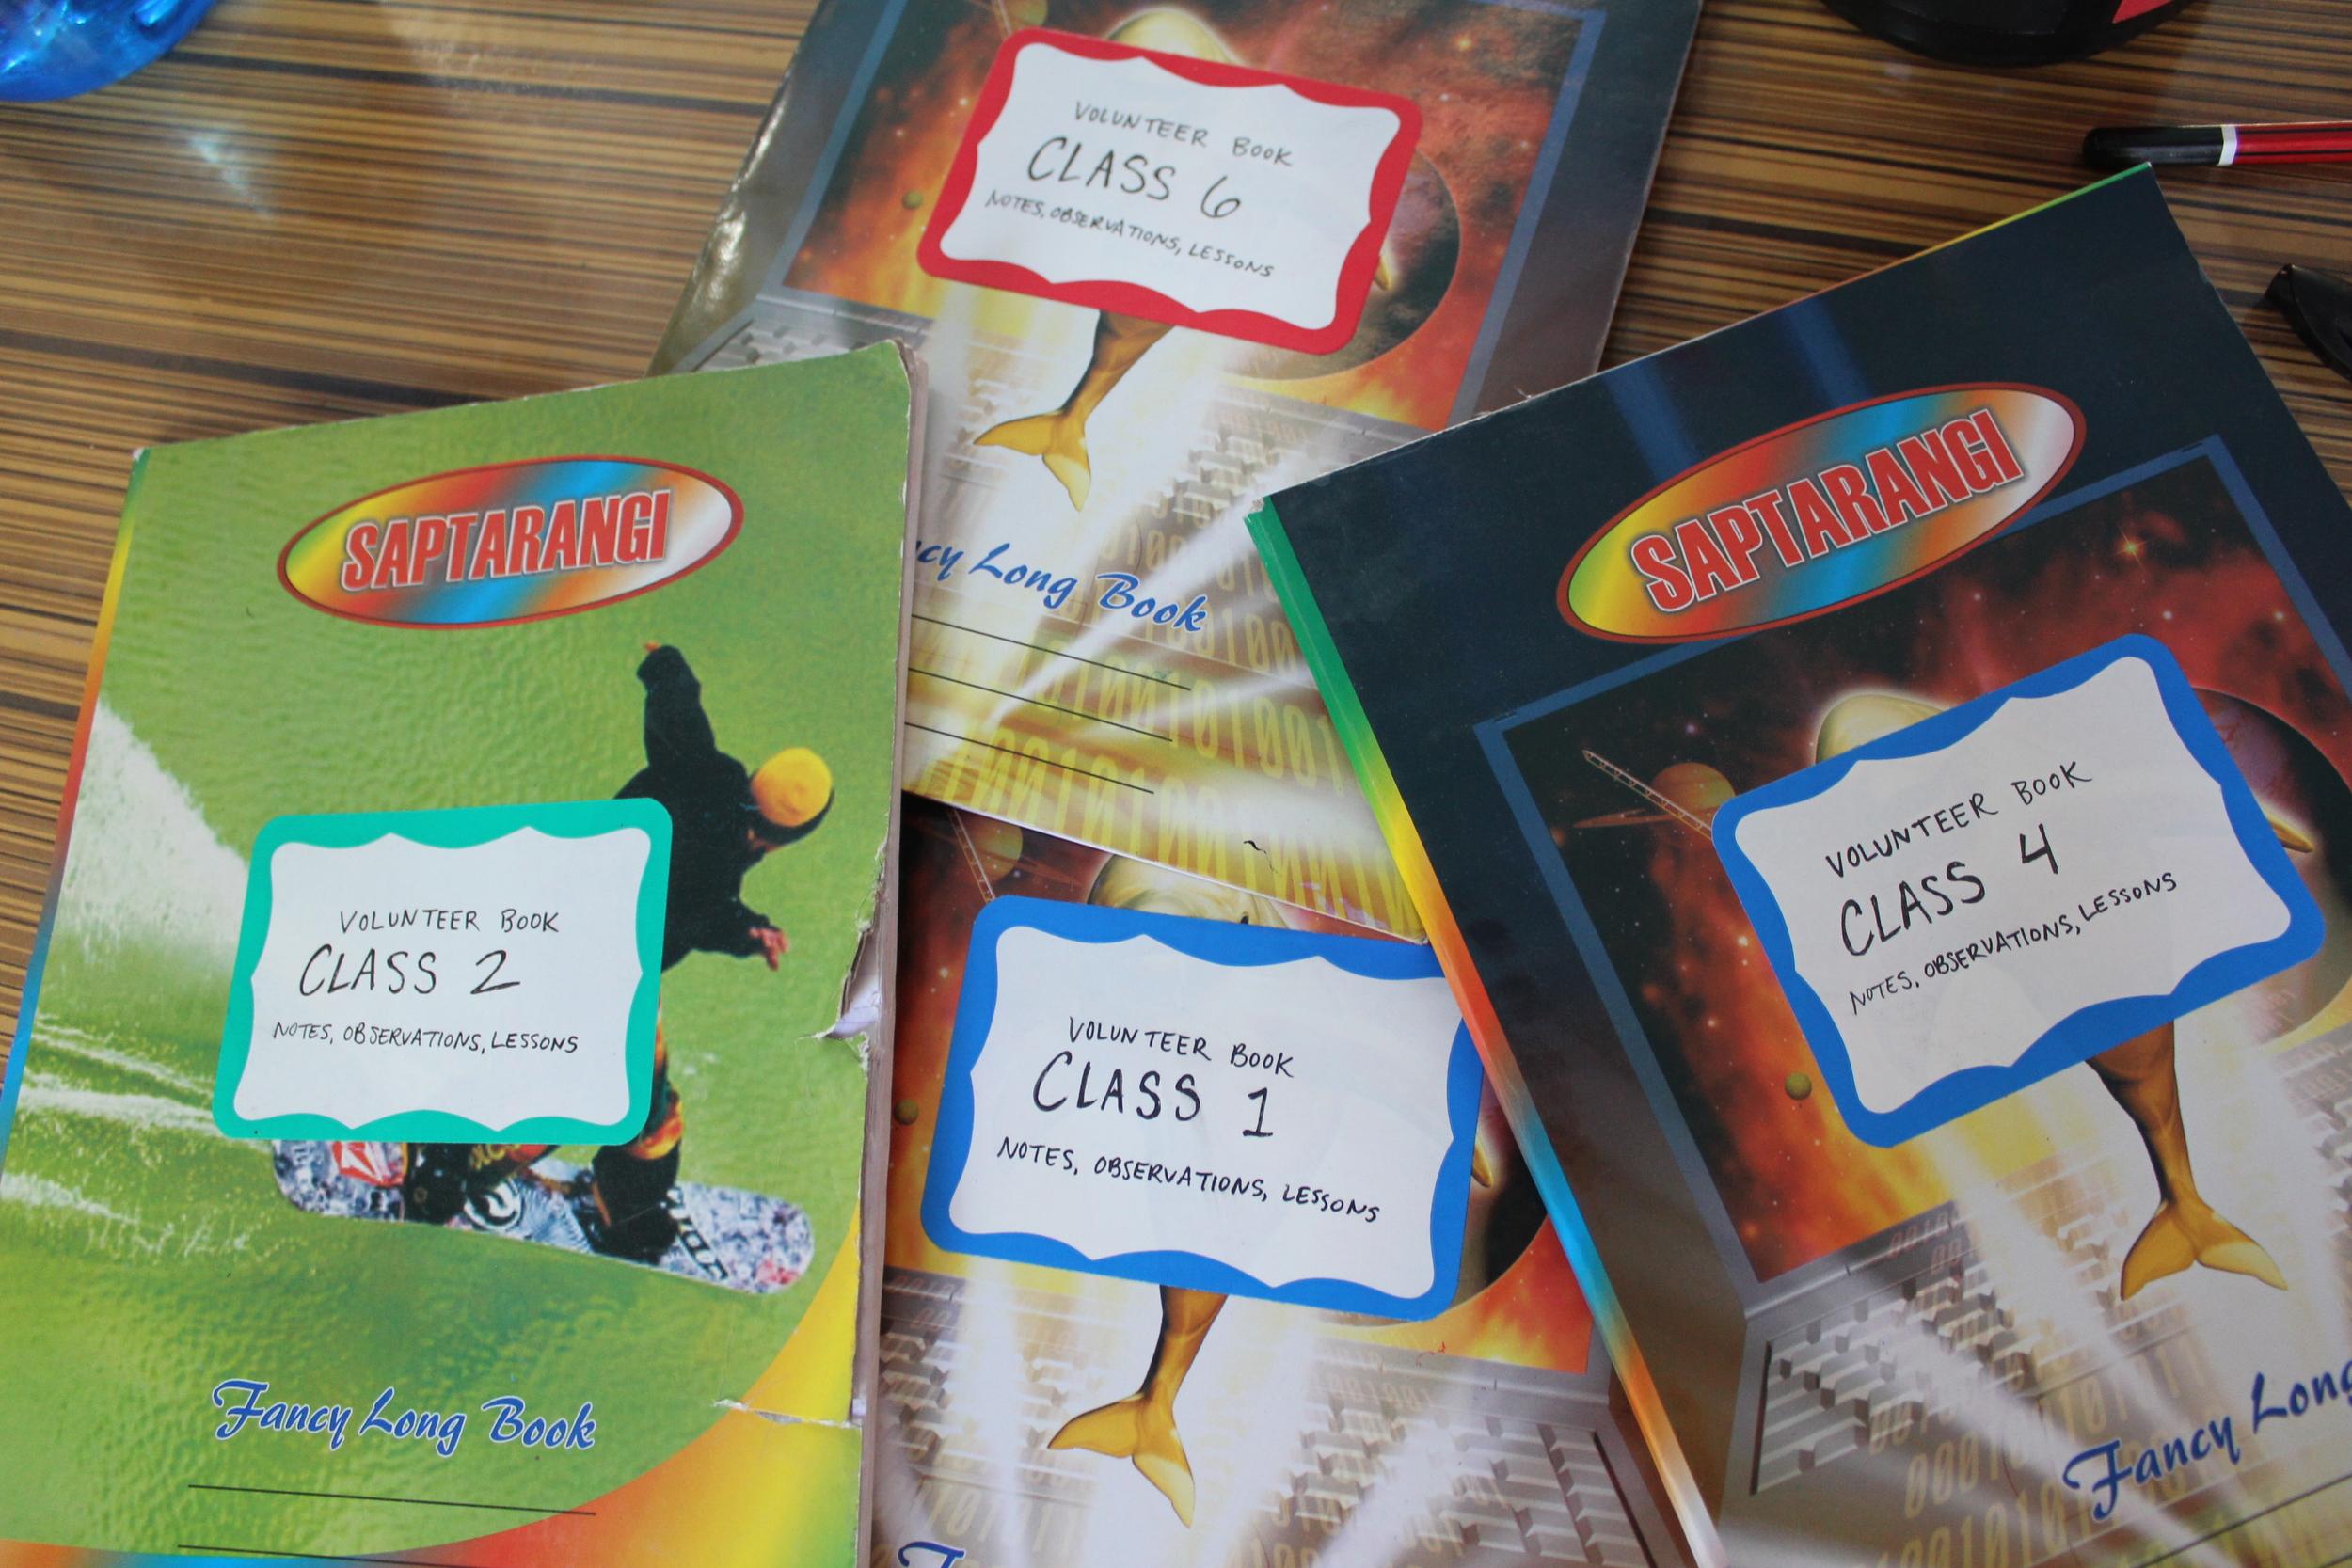 Notebooks for volunteer teachers.